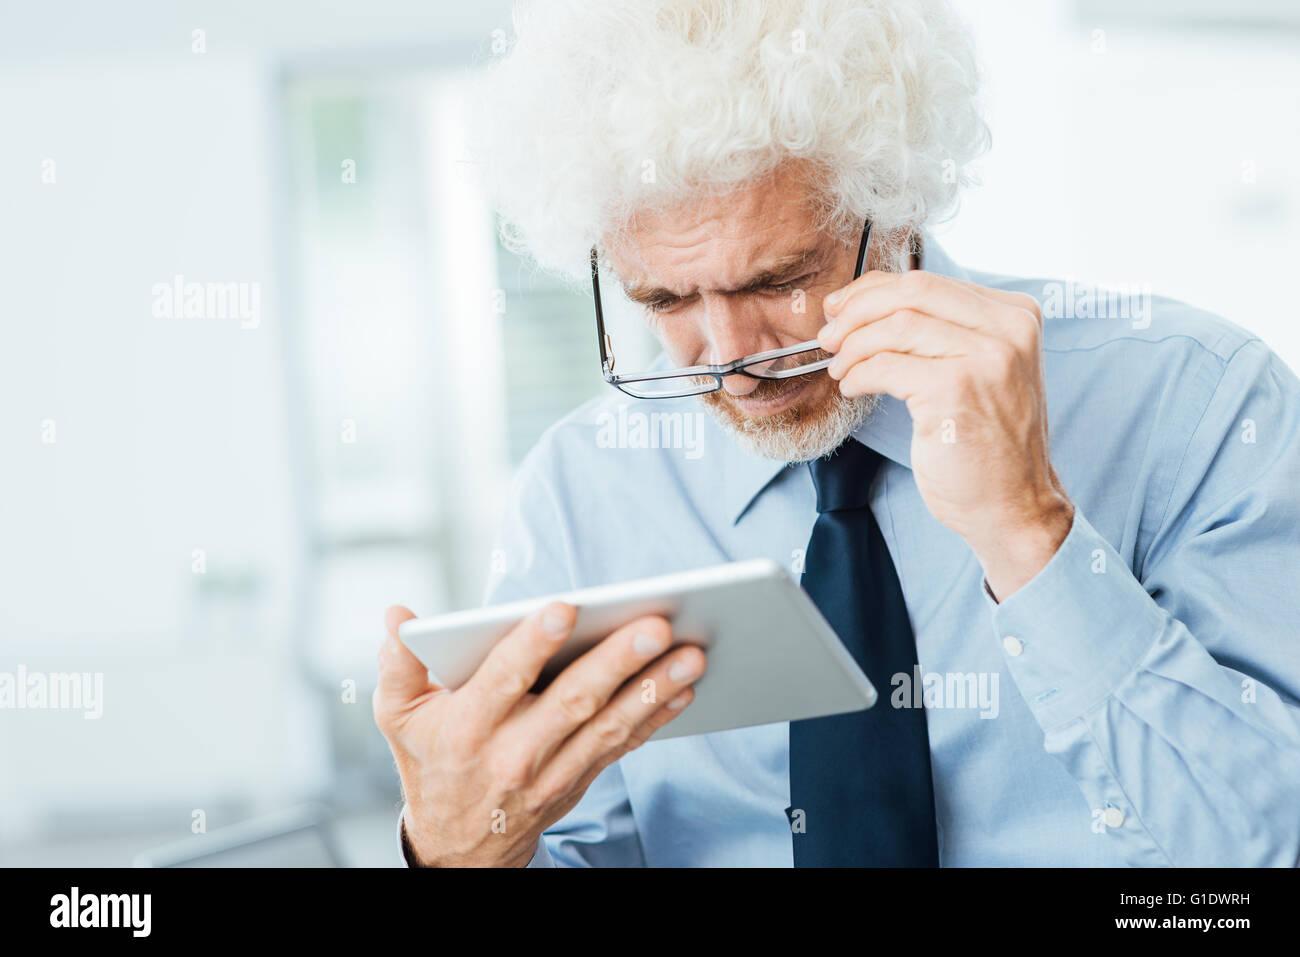 Businessman ayant des problèmes de vue, il est à l'aide d'une tablette et réglage de ses Photo Stock